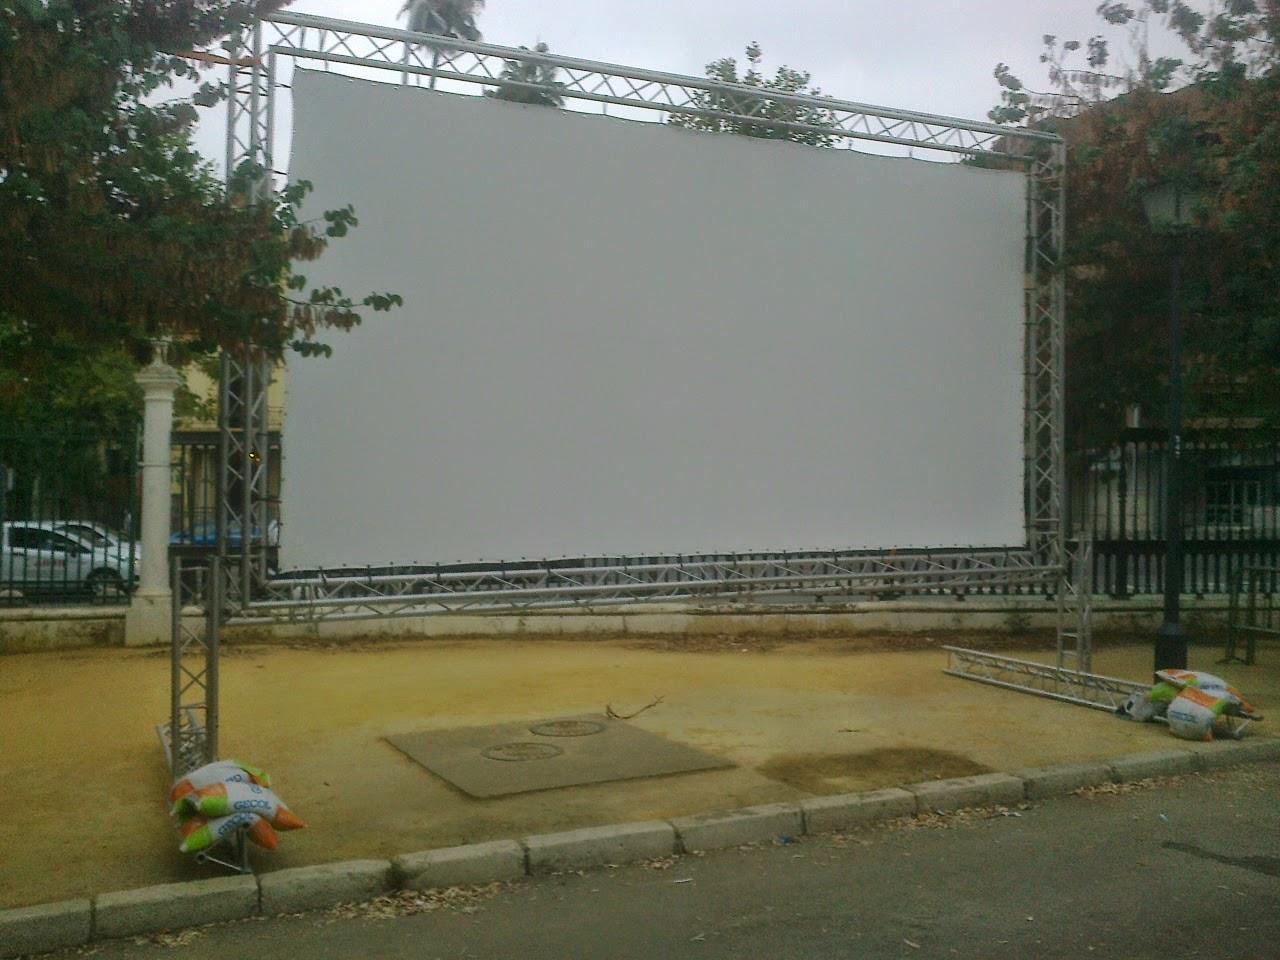 Asociación De Amigos Del Parque Amate Cine De Verano En El Parque Maria Luisa